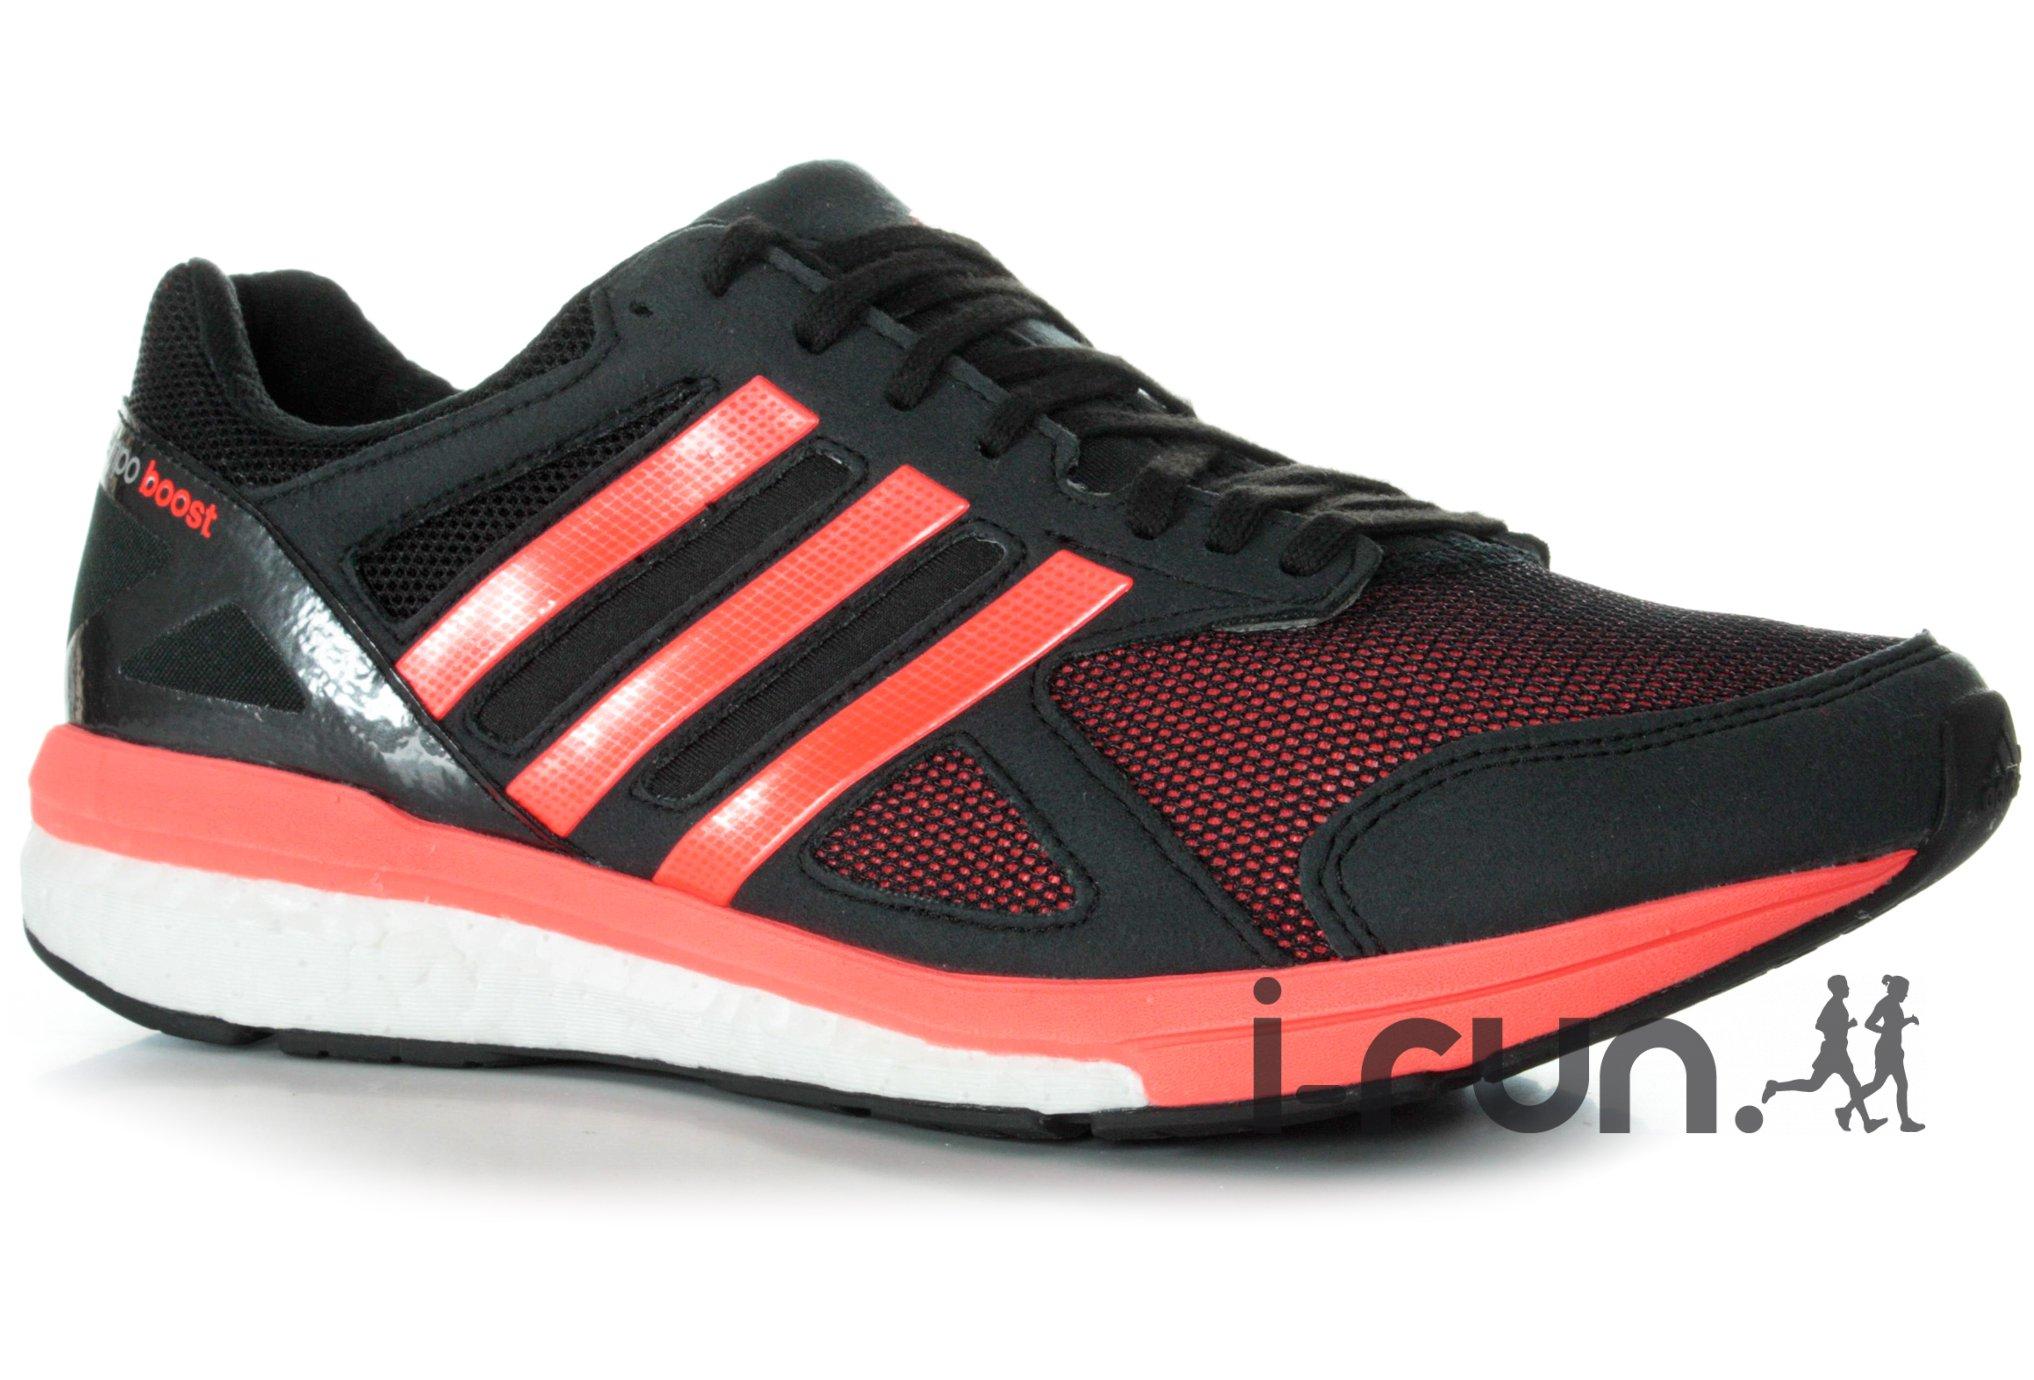 Adidas Adizero Tempo M RteciK2Ca